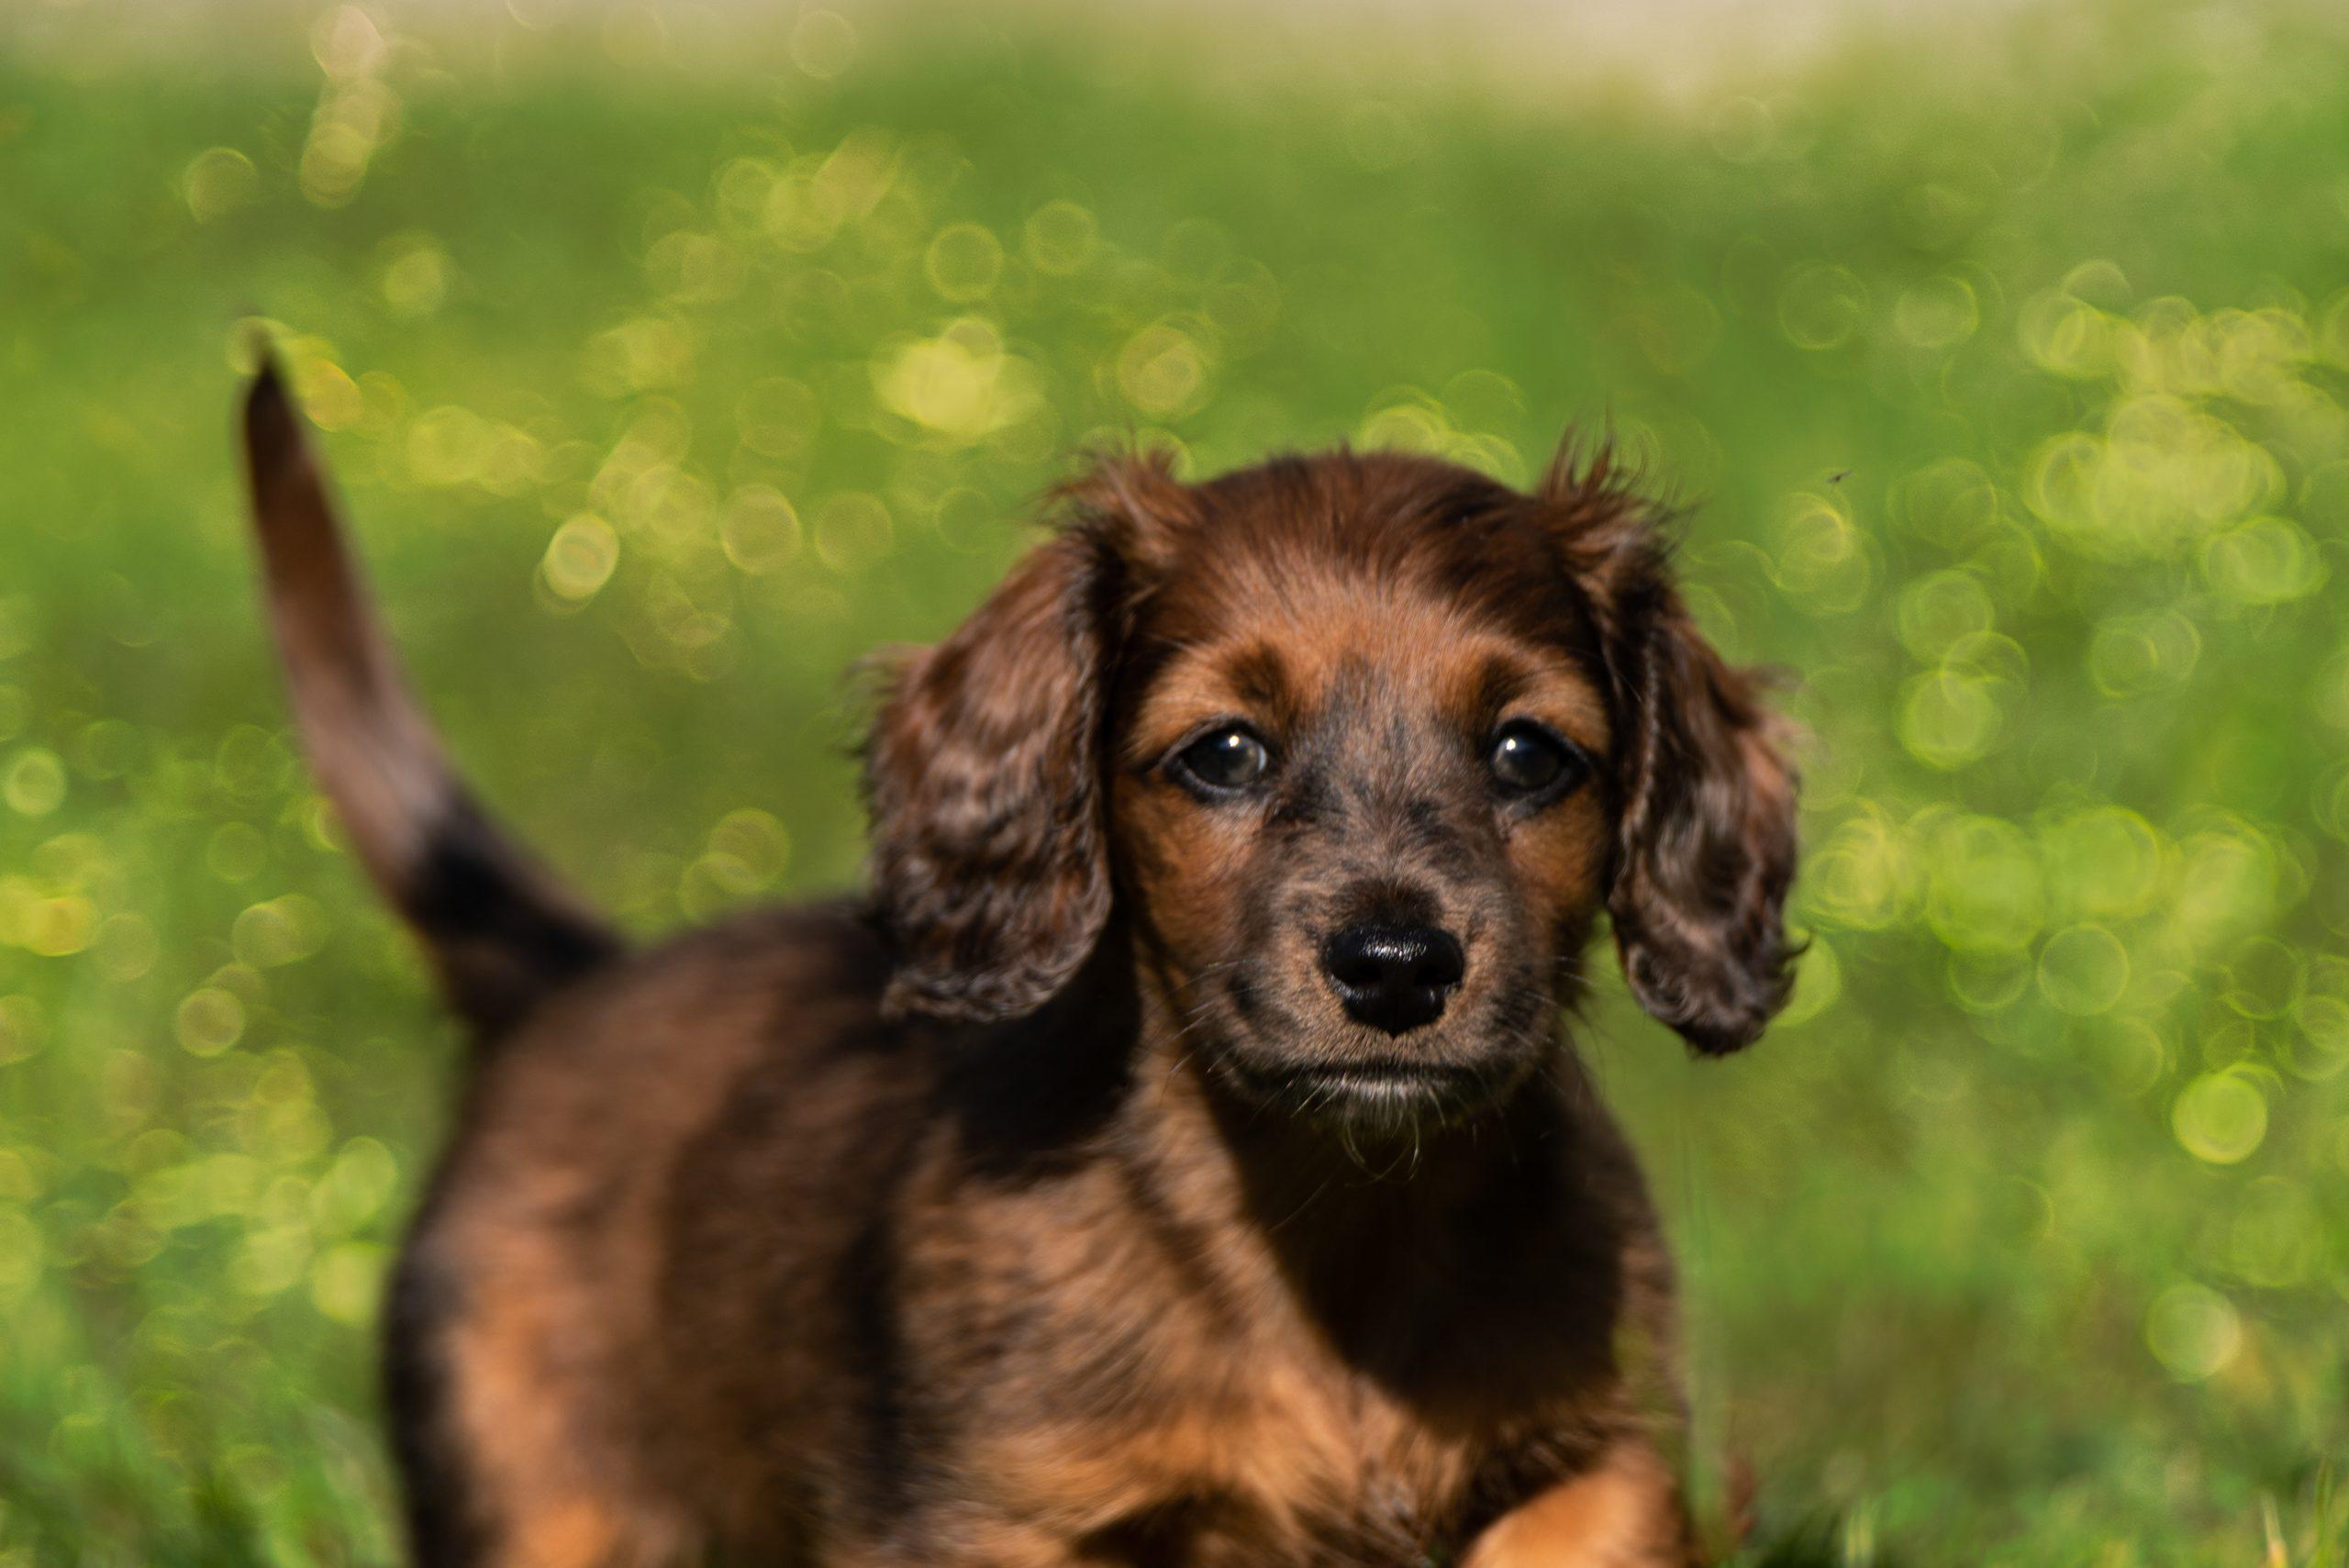 cachorro marrón en cesped